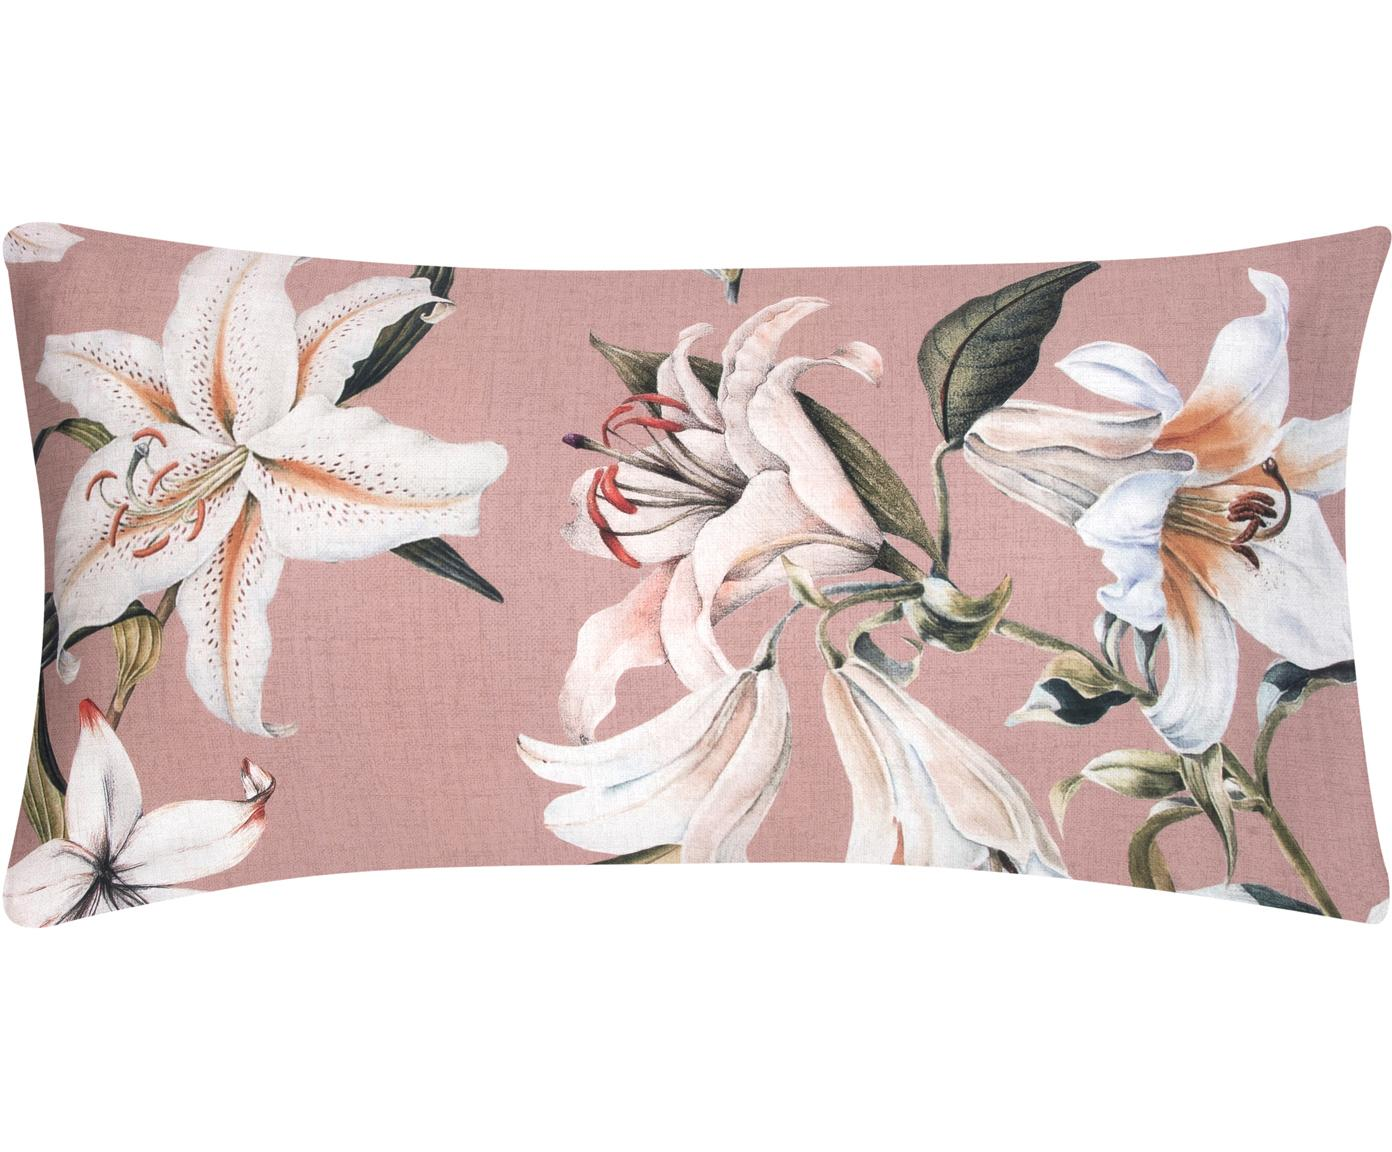 Baumwollsatin-Kissenbezüge Flori mit Blumen-Print, 2 Stück, Webart: Satin Fadendichte 210 TC,, Vorderseite: Altrosa, Cremeweiß Rückseite: Alrosa, 40 x 80 cm